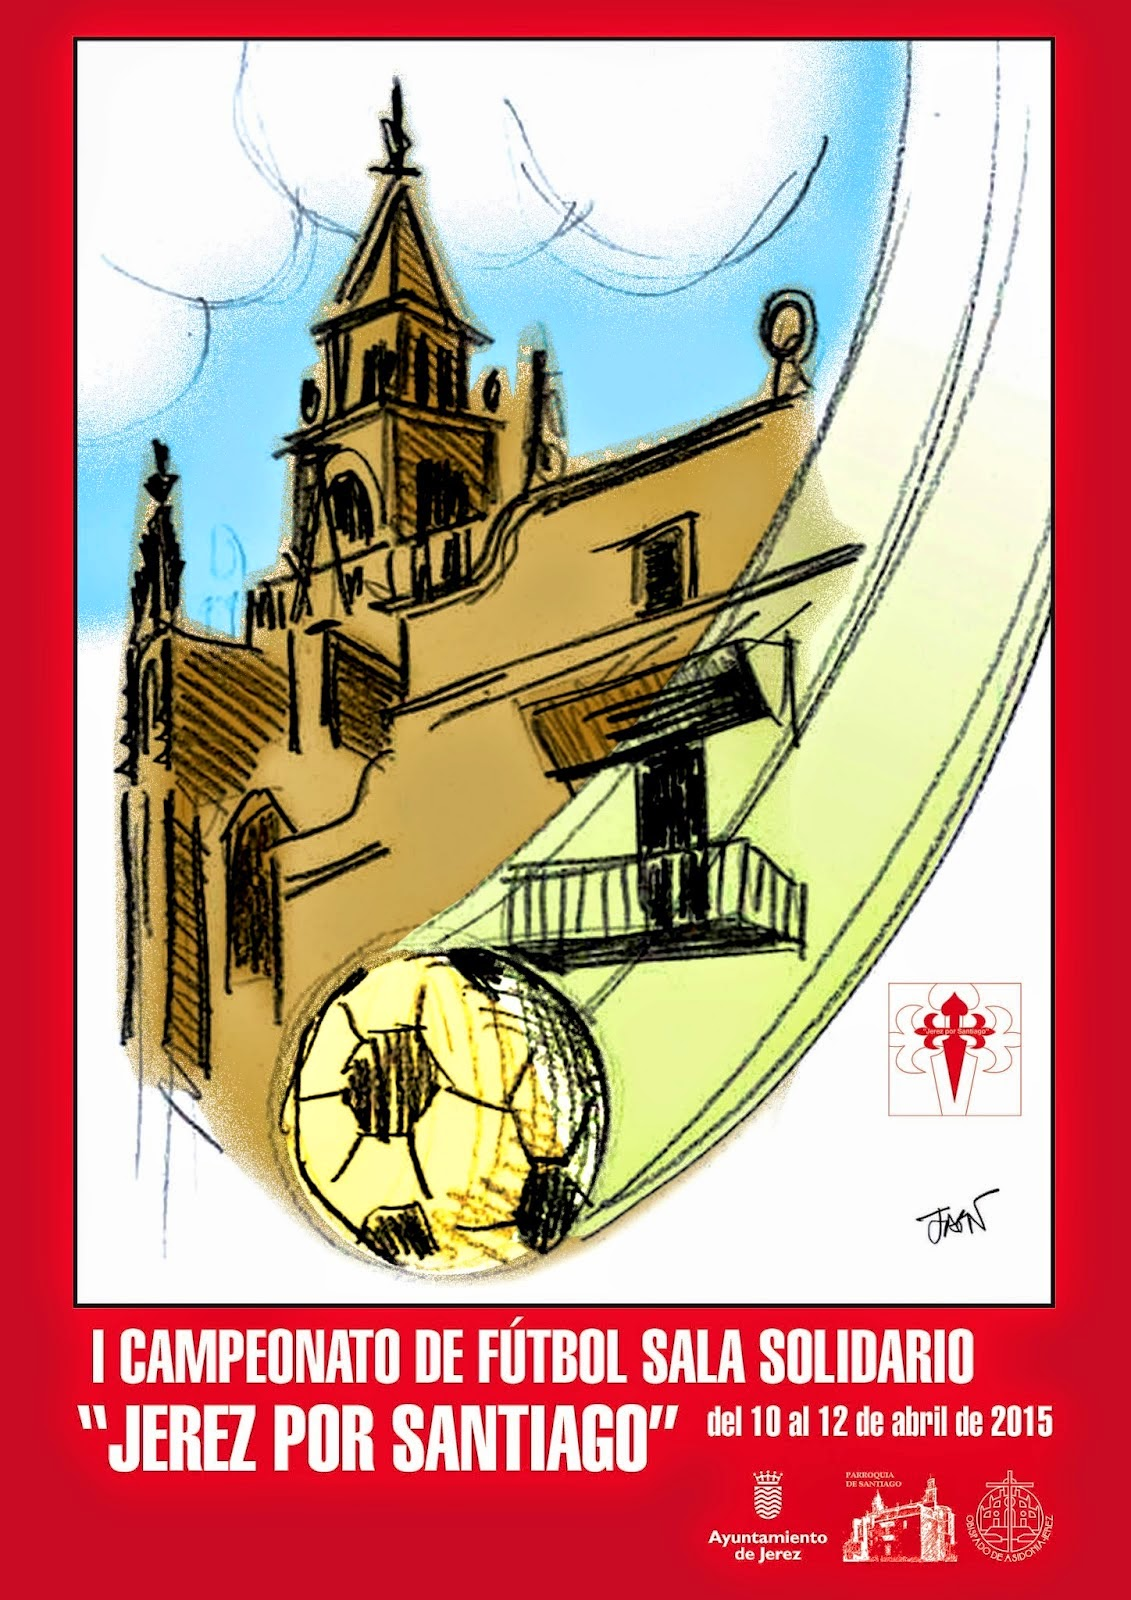 """I campeonato de fútbol sala solidario """"Jerez por Santiago"""""""